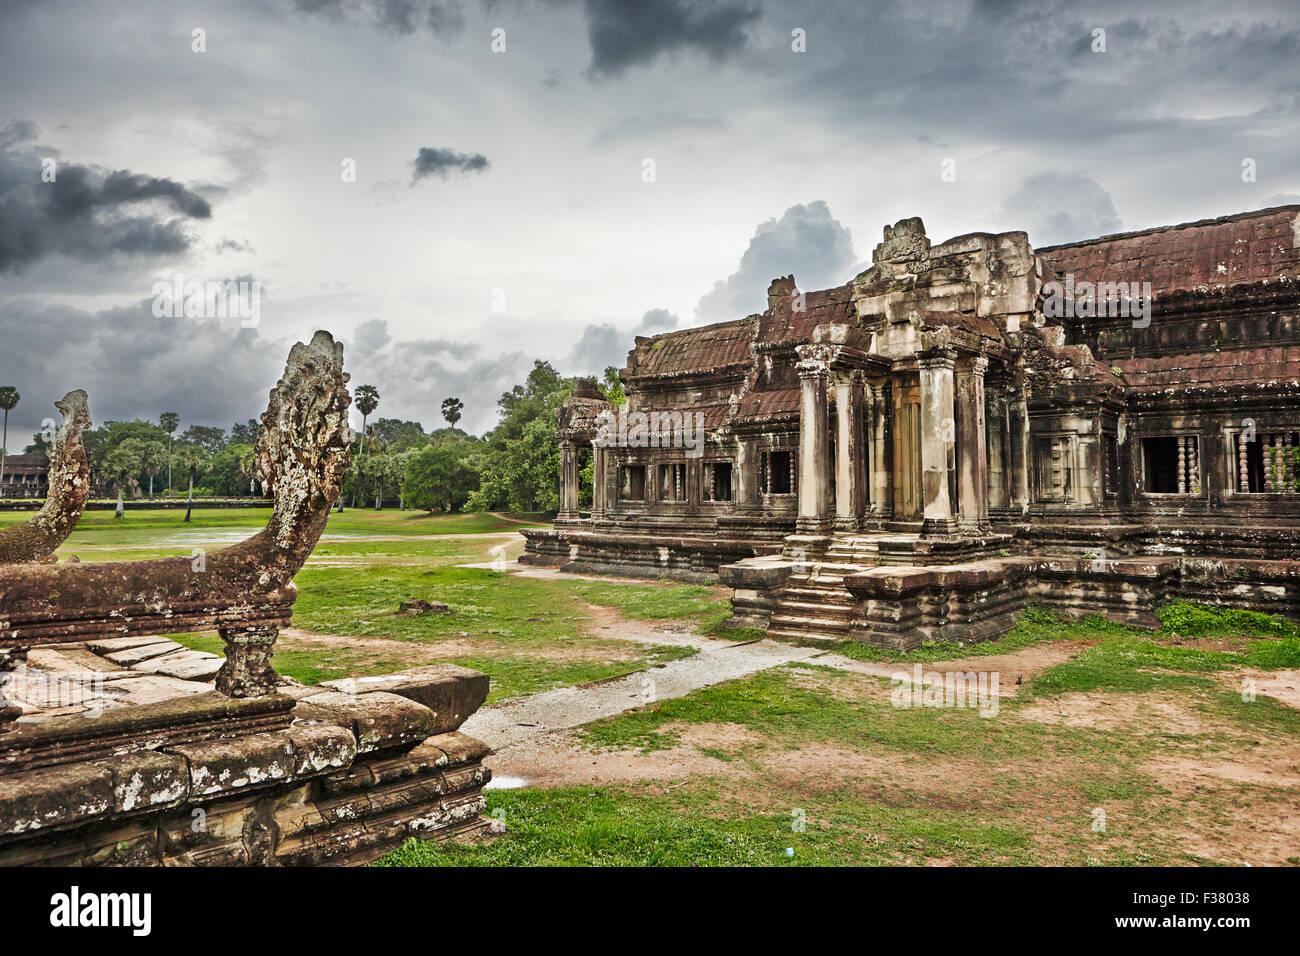 À la bibliothèque du complexe du temple d'Angkor Wat. Parc archéologique d'Angkor, la Province Photo Stock